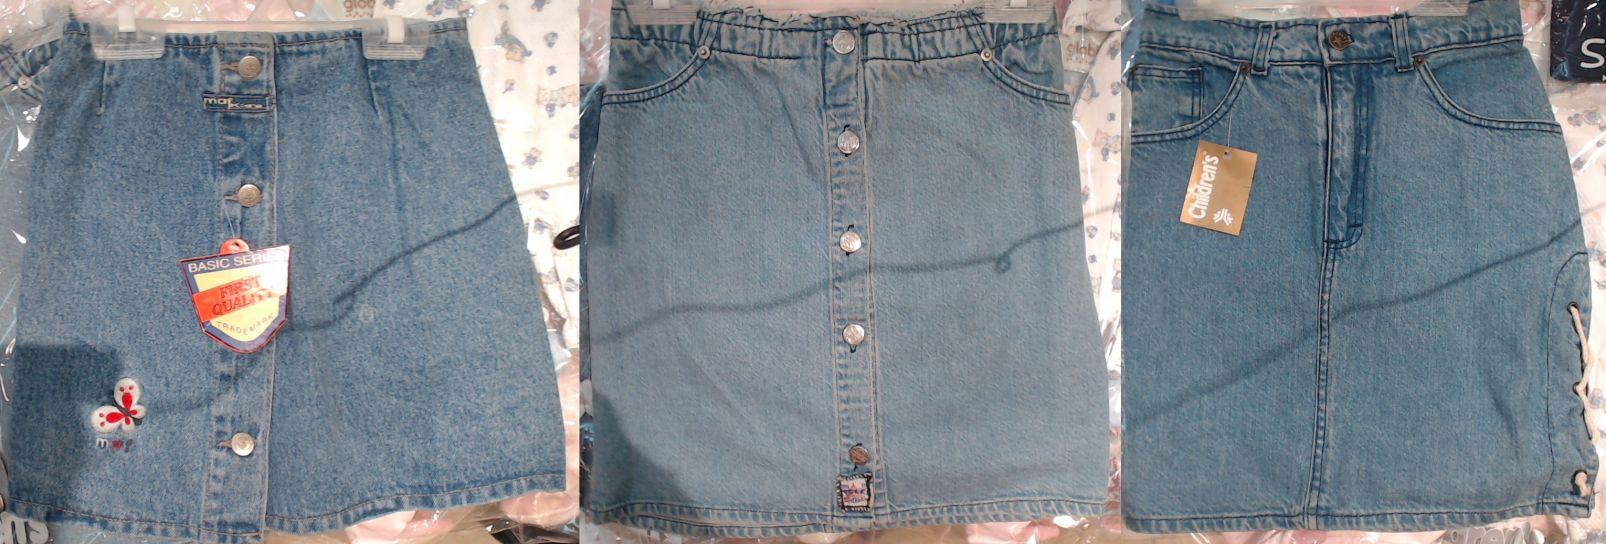 2bbcc86738 Children s - Pollera Jean 3 Modelos